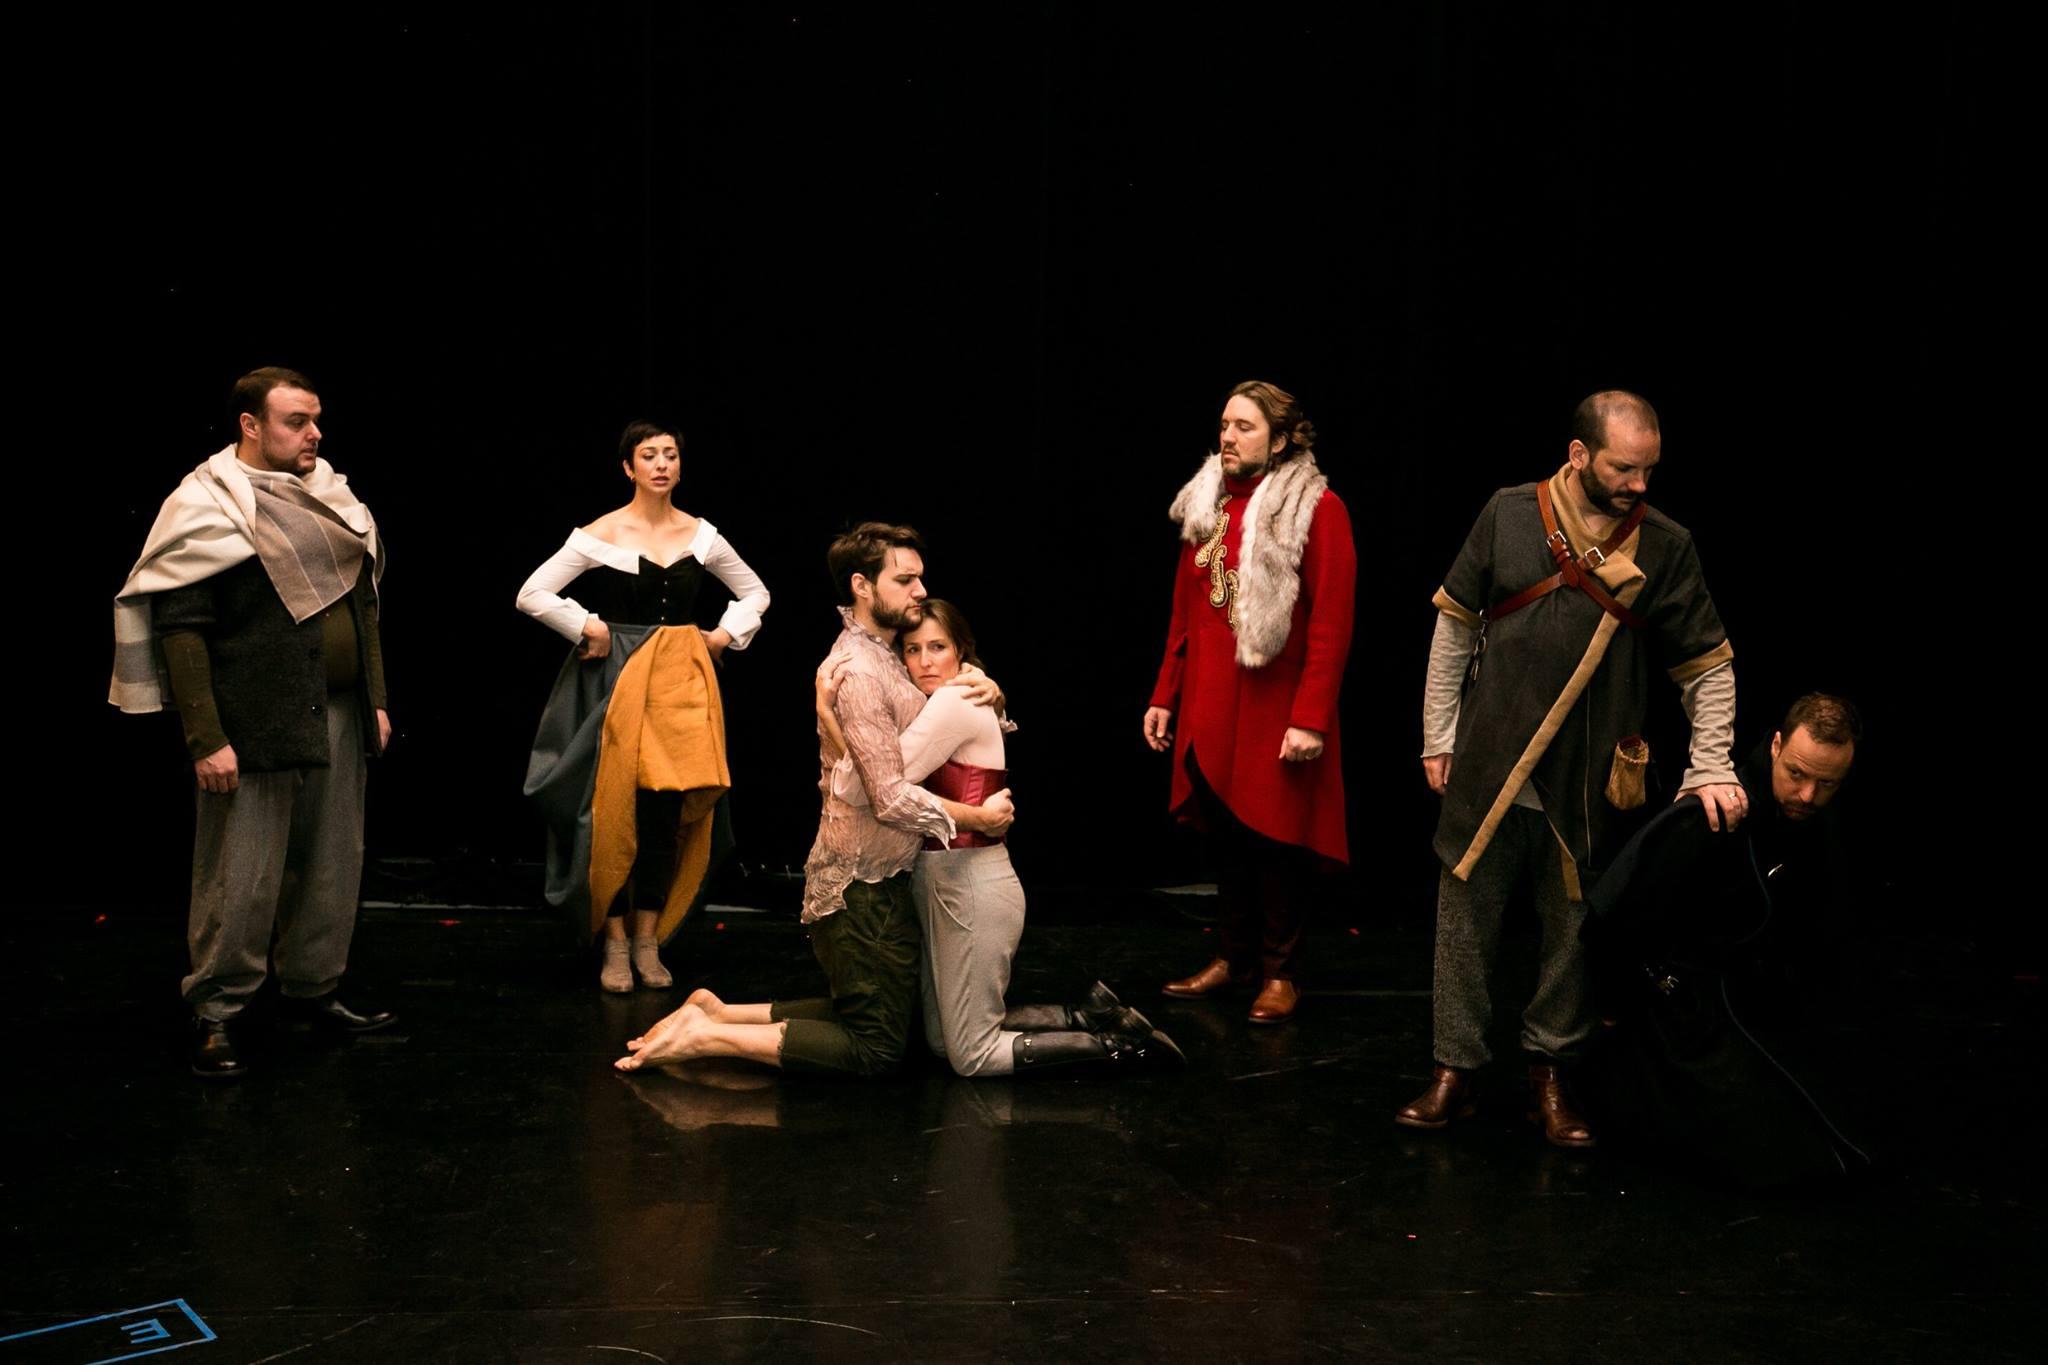 The cast of Opera Lafayette's  Léonore, ou L'amour conjugal:  (L to R)  Keven Geddes , Pascale Beaudin,Jean-Michel Richer,Kimy Mc Laren,Alexandre Sylvestre, Tomislav Lavoie, and Dominique Côté.